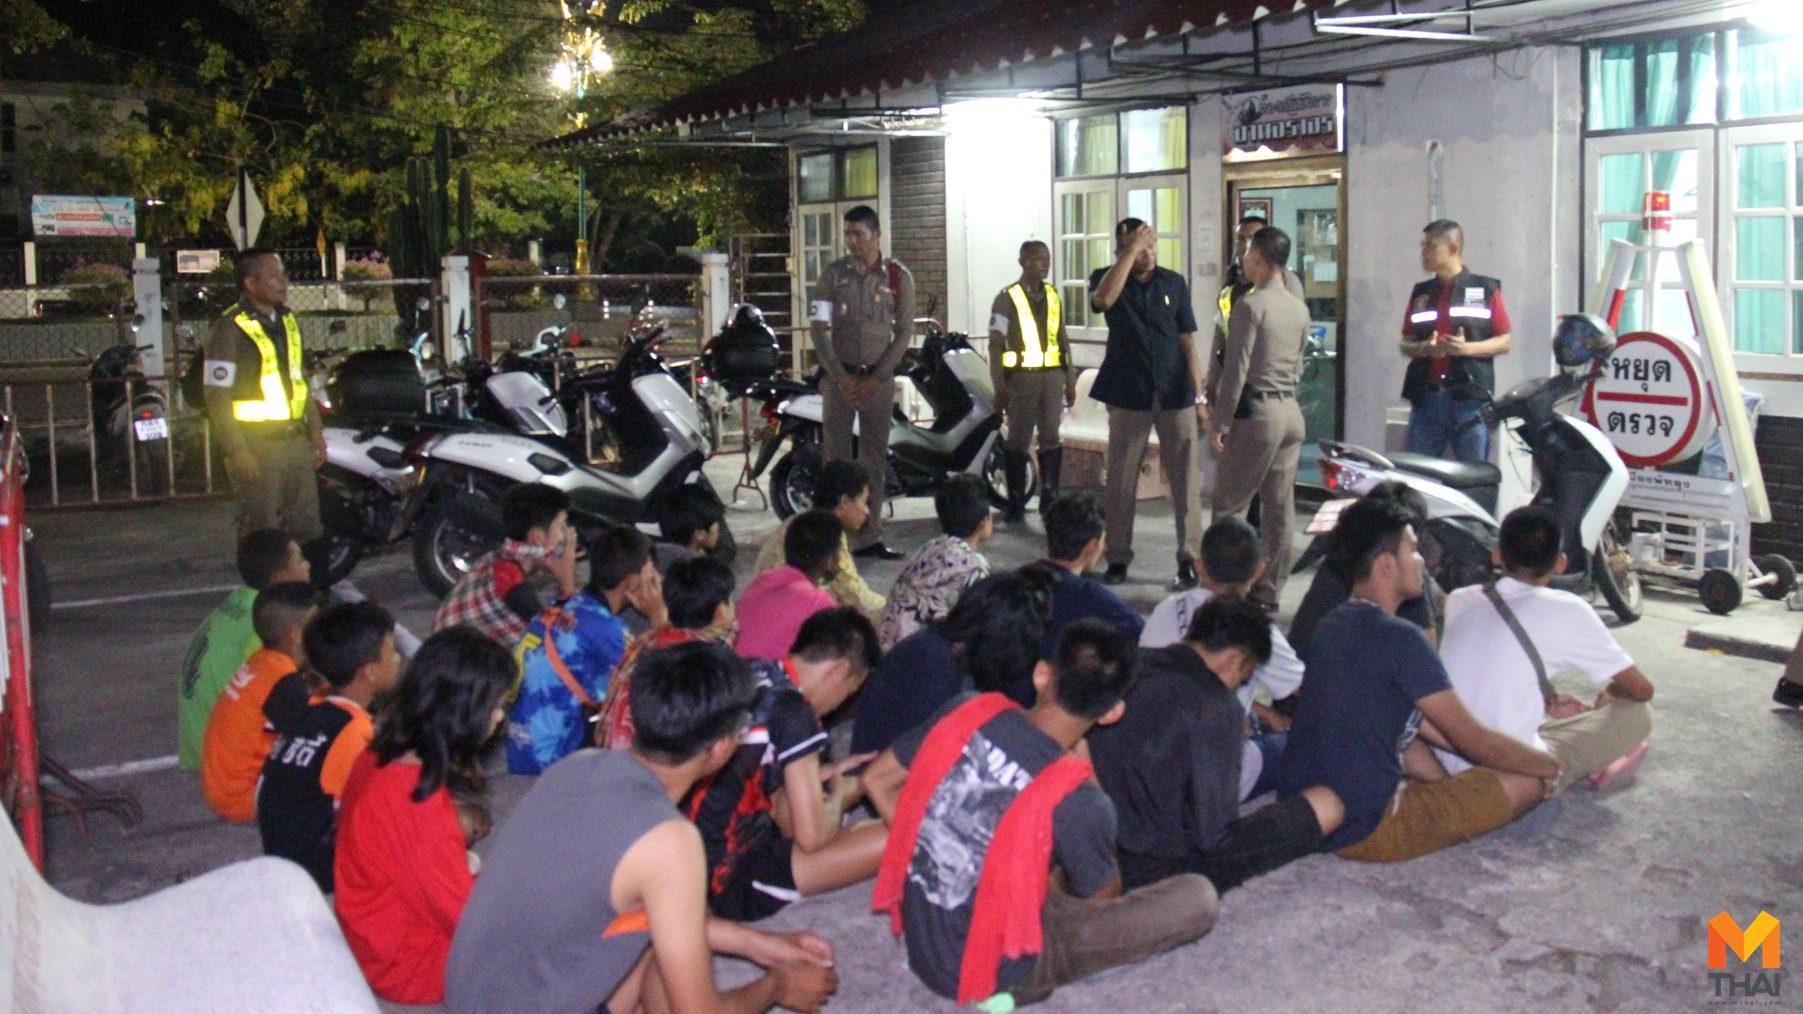 ตำรวจพัทลุงสกัดจับแก๊งวัยรุ่นซิ่งป่วนเมือง พบฉี่ม่วง 7 คน